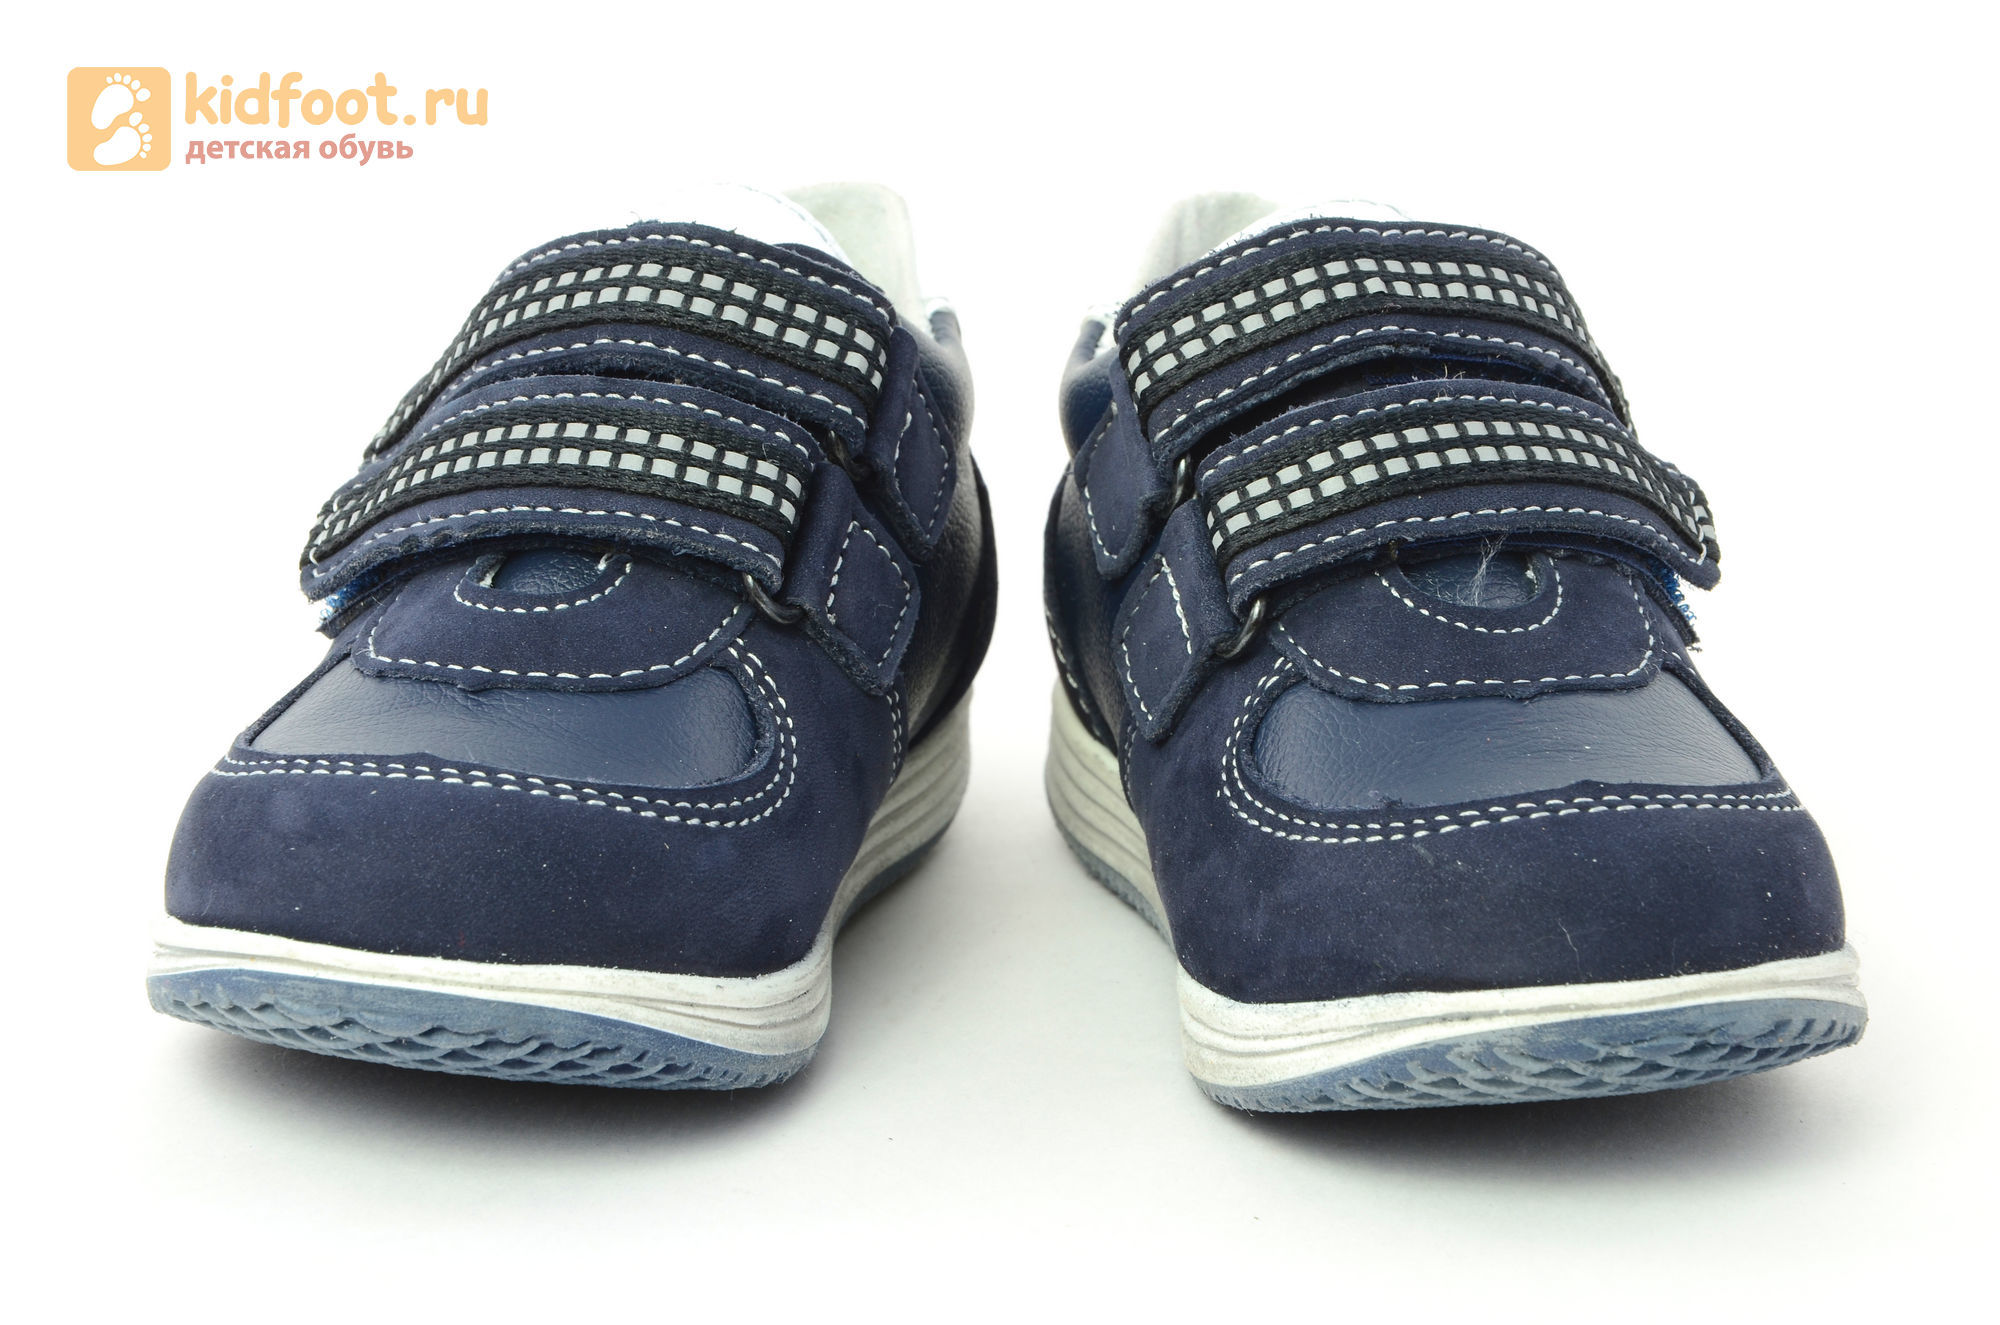 Ботинки Лель (LEL) для мальчика, цвет Темно синий, 3-826